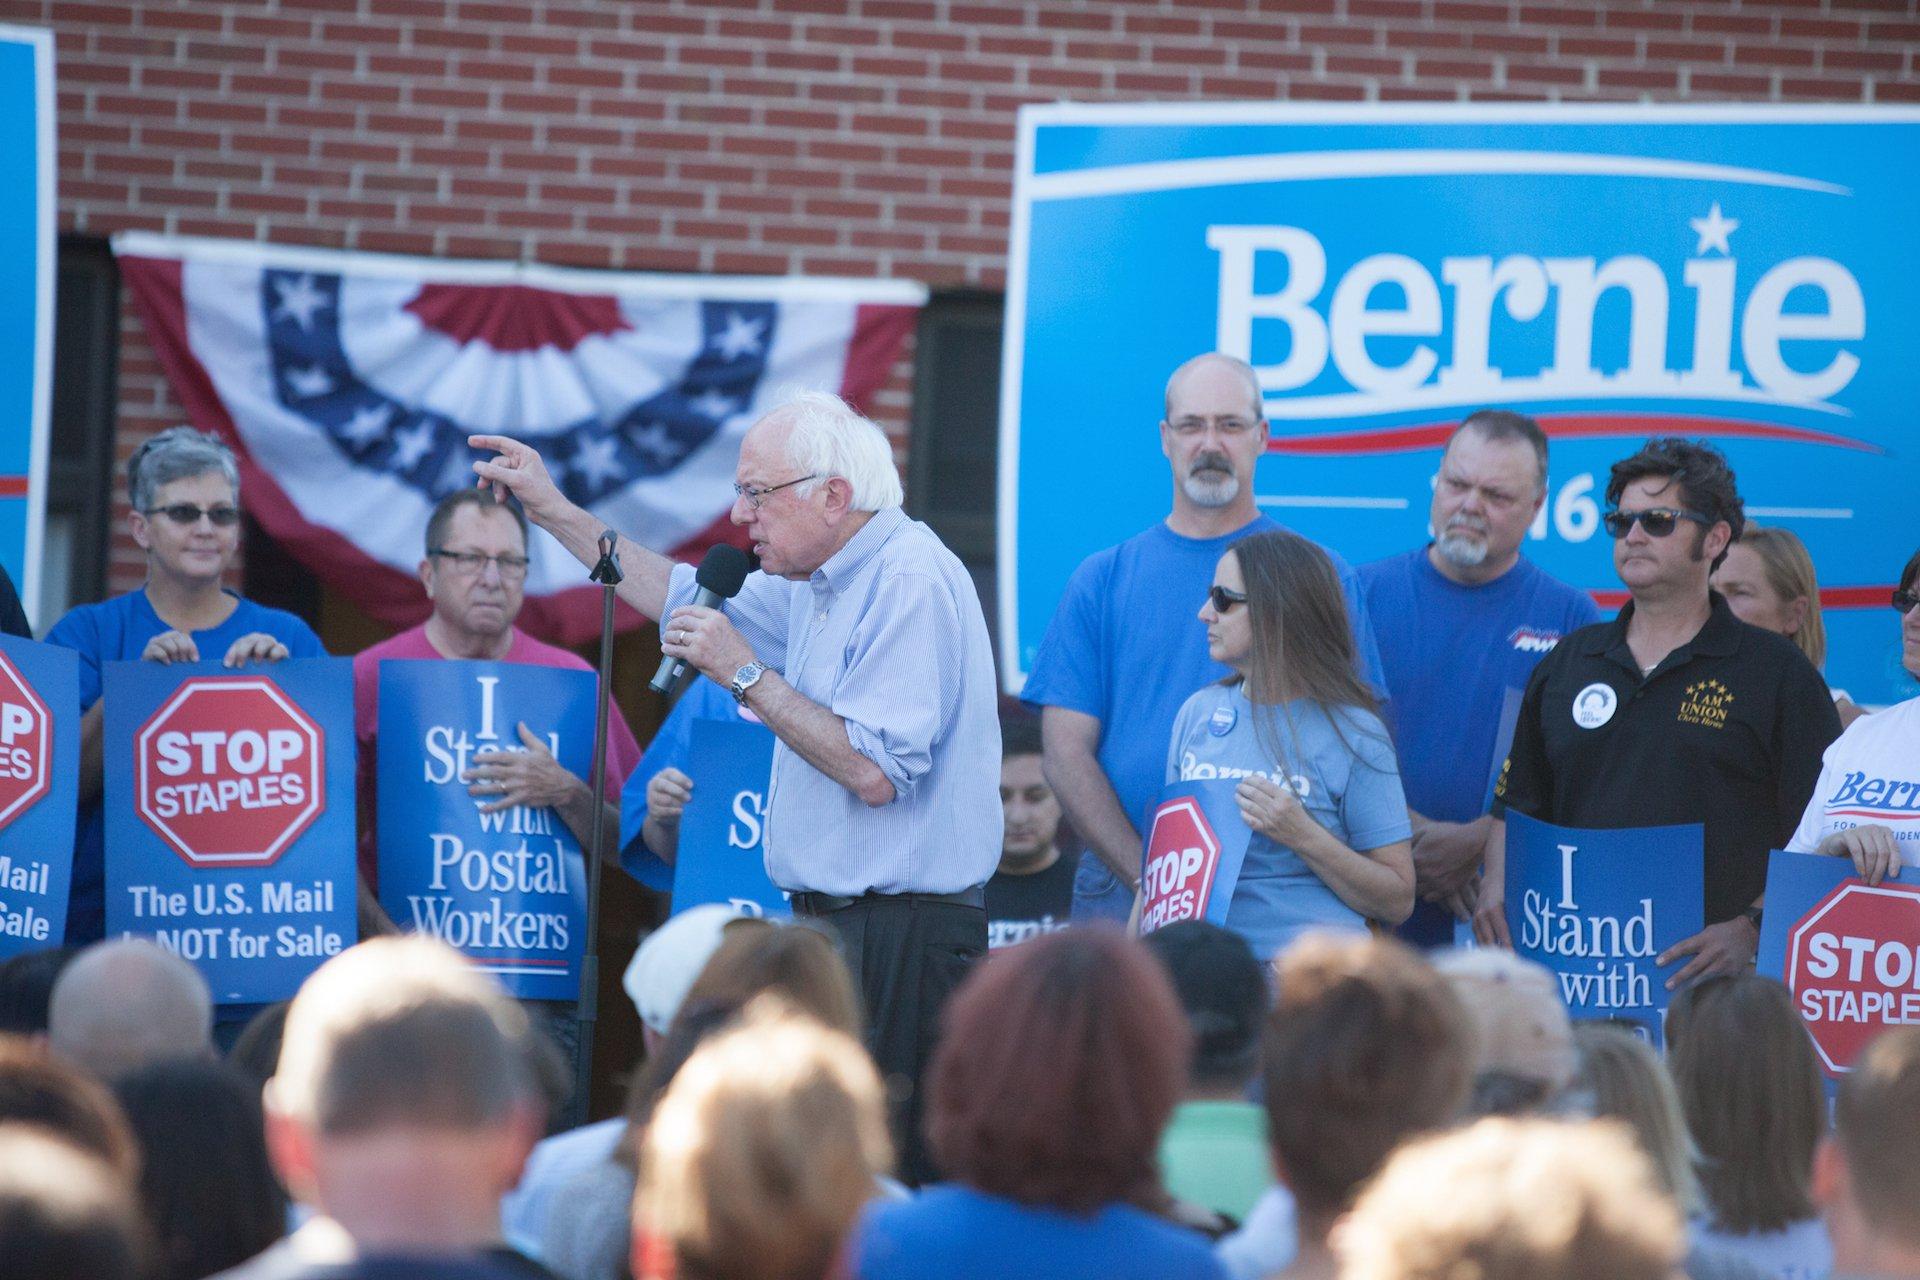 Bernie Sanders with Postal Workers